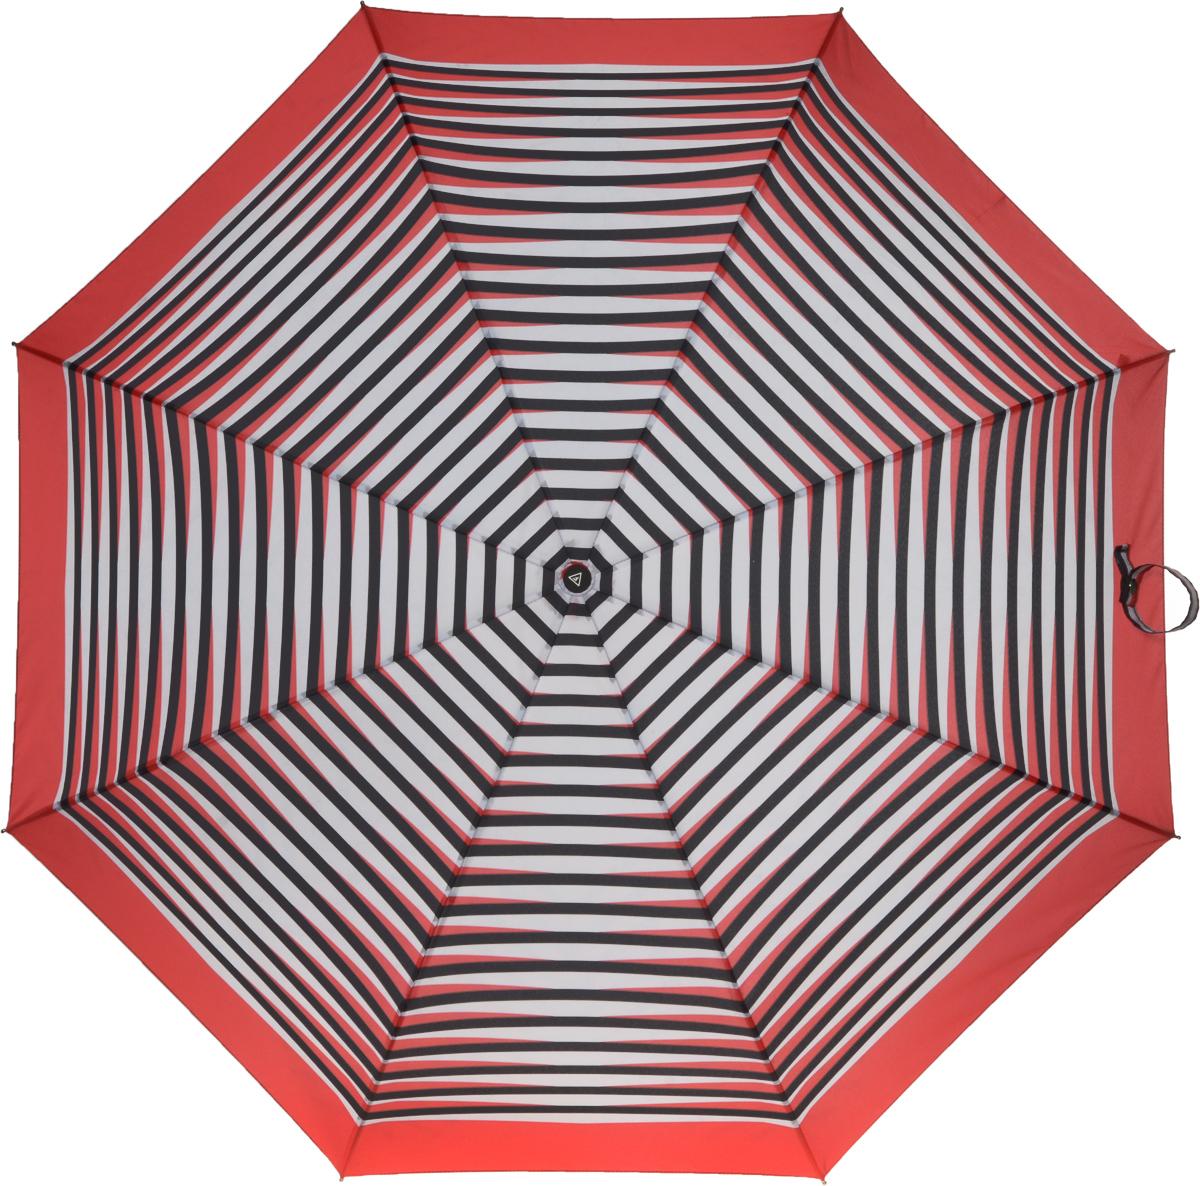 Зонт женский Fabretti, автомат, 3 сложения, цвет: мультиколор. L-16102-11L-16102-11Зонт женский Fabretti, облегченный суперавтомат, 3 сложения.Оригинальный, молодежный женский зонт. Зонтик станет незаменимым защитником как от солнца, так и от дождя.